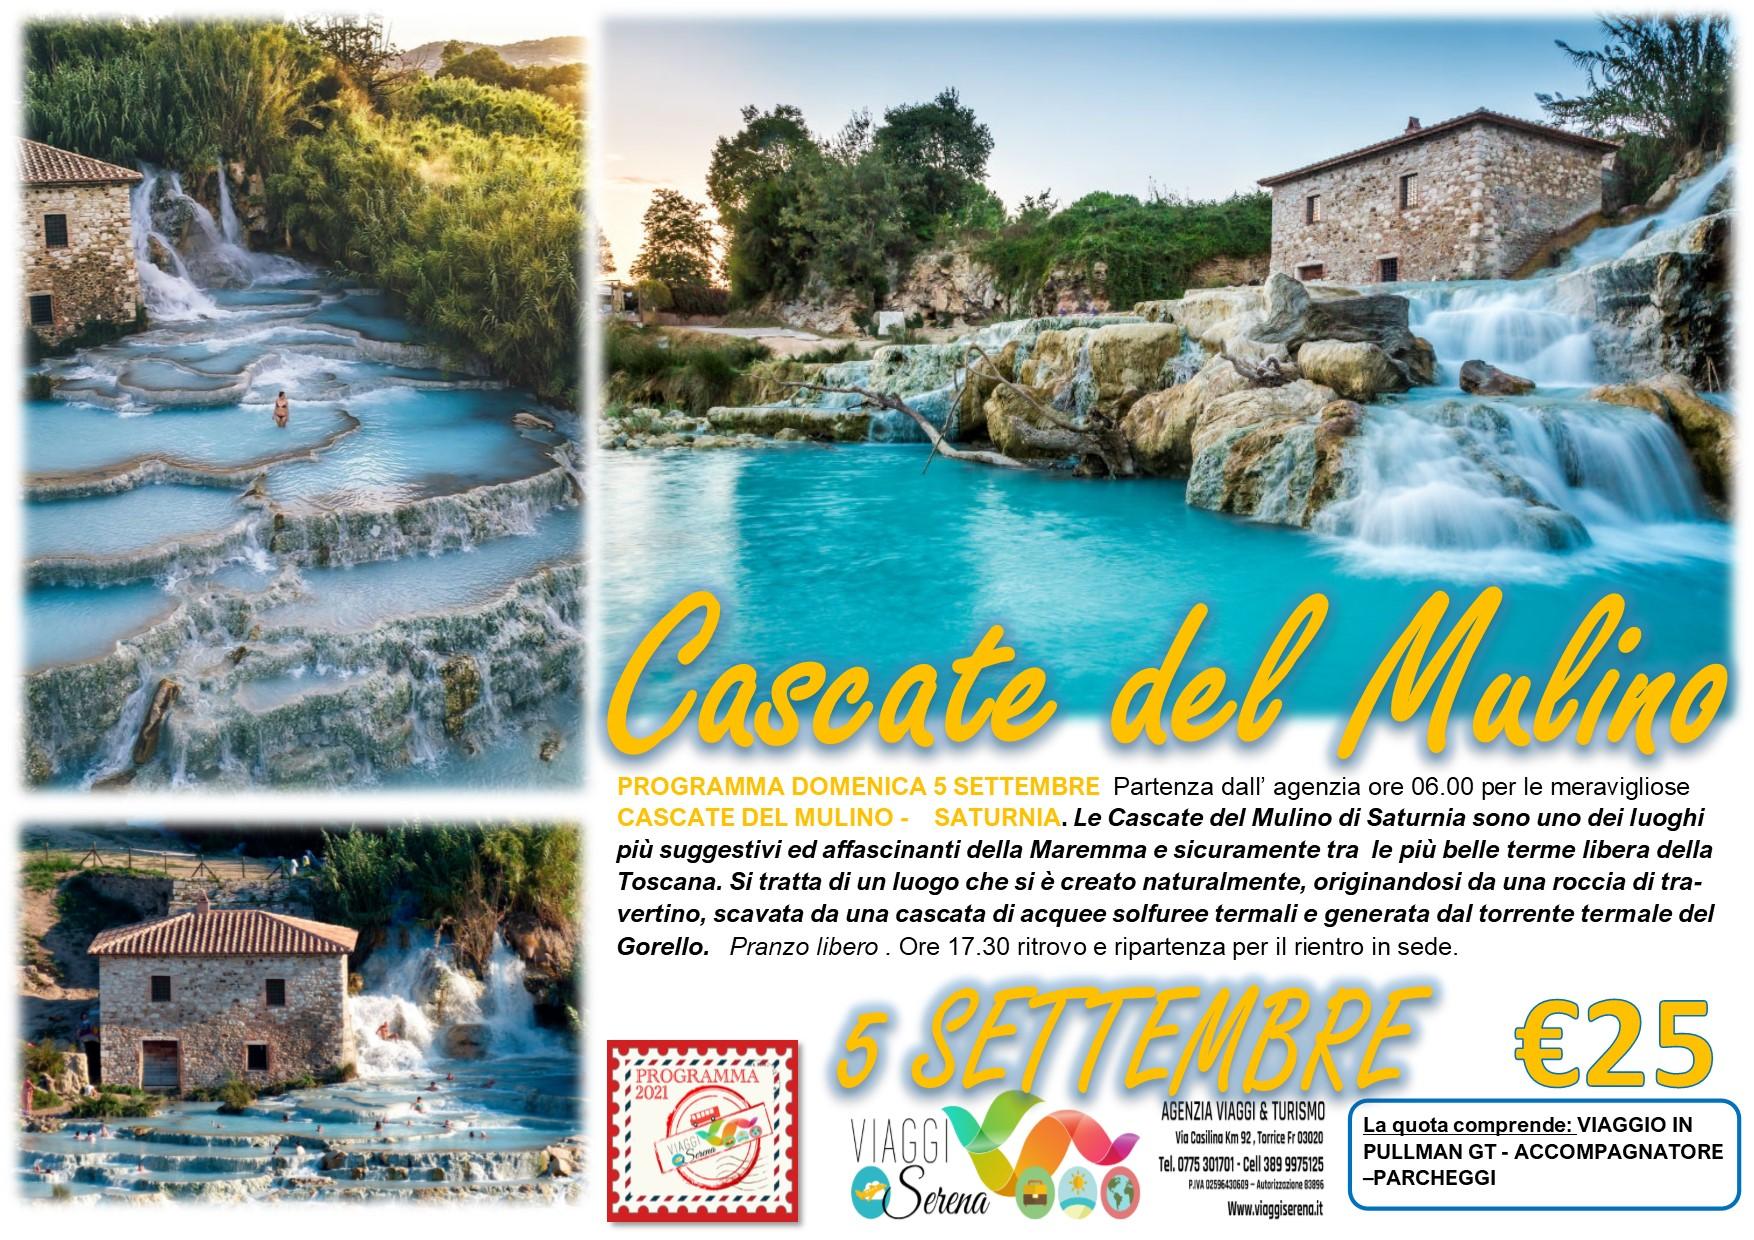 Viaggi di Gruppo: Cascate del Mulino 5 Settembre  € 25,00